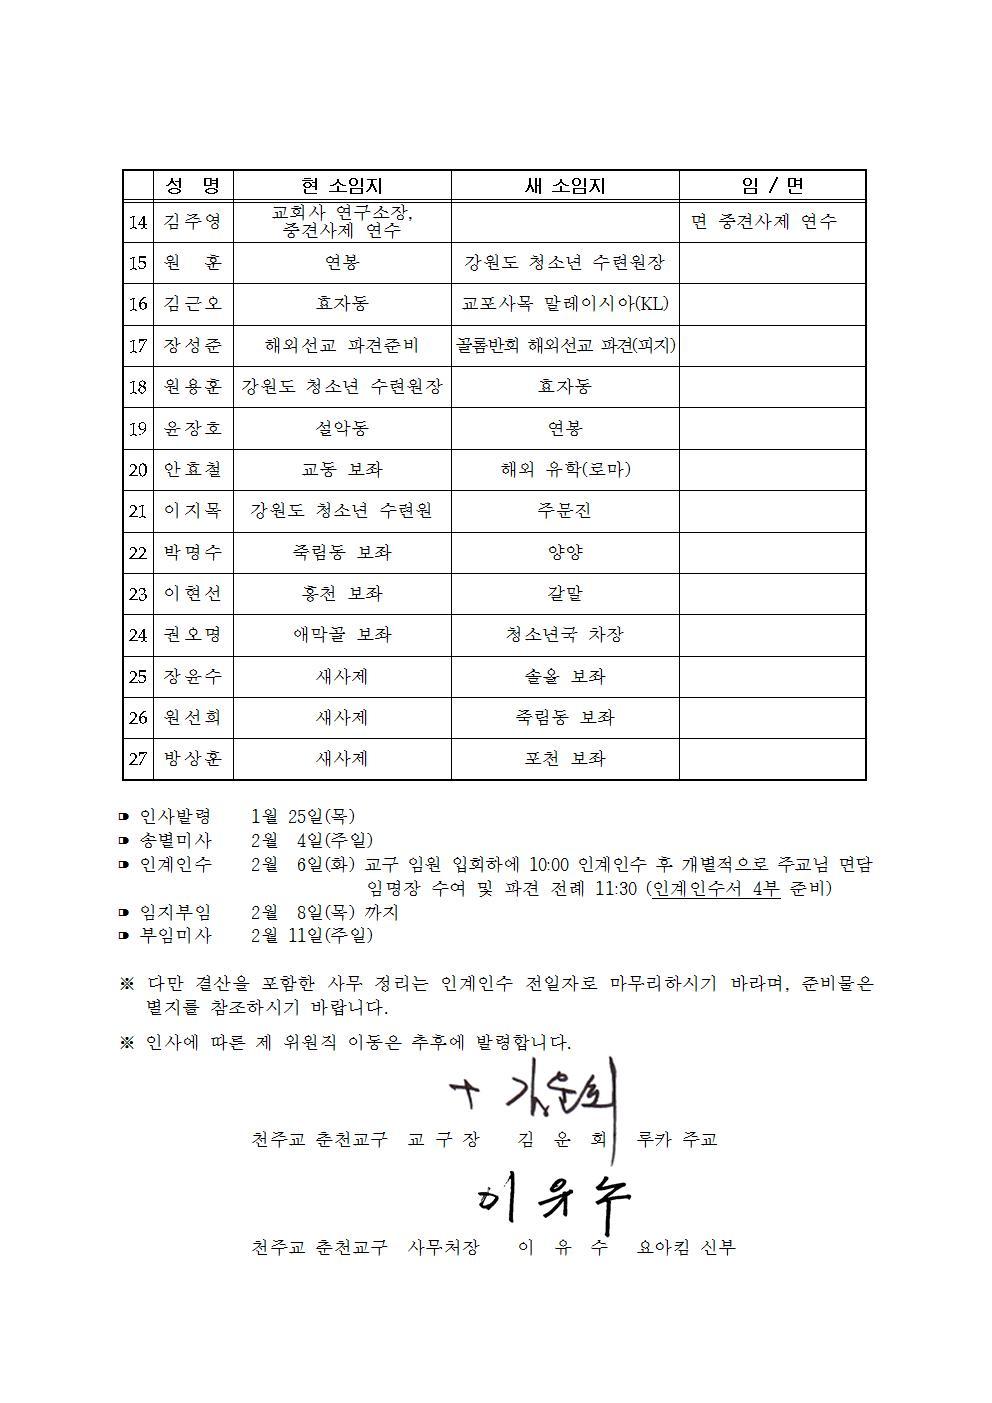 춘교 18-0009호 사제 정기 인사002.jpg